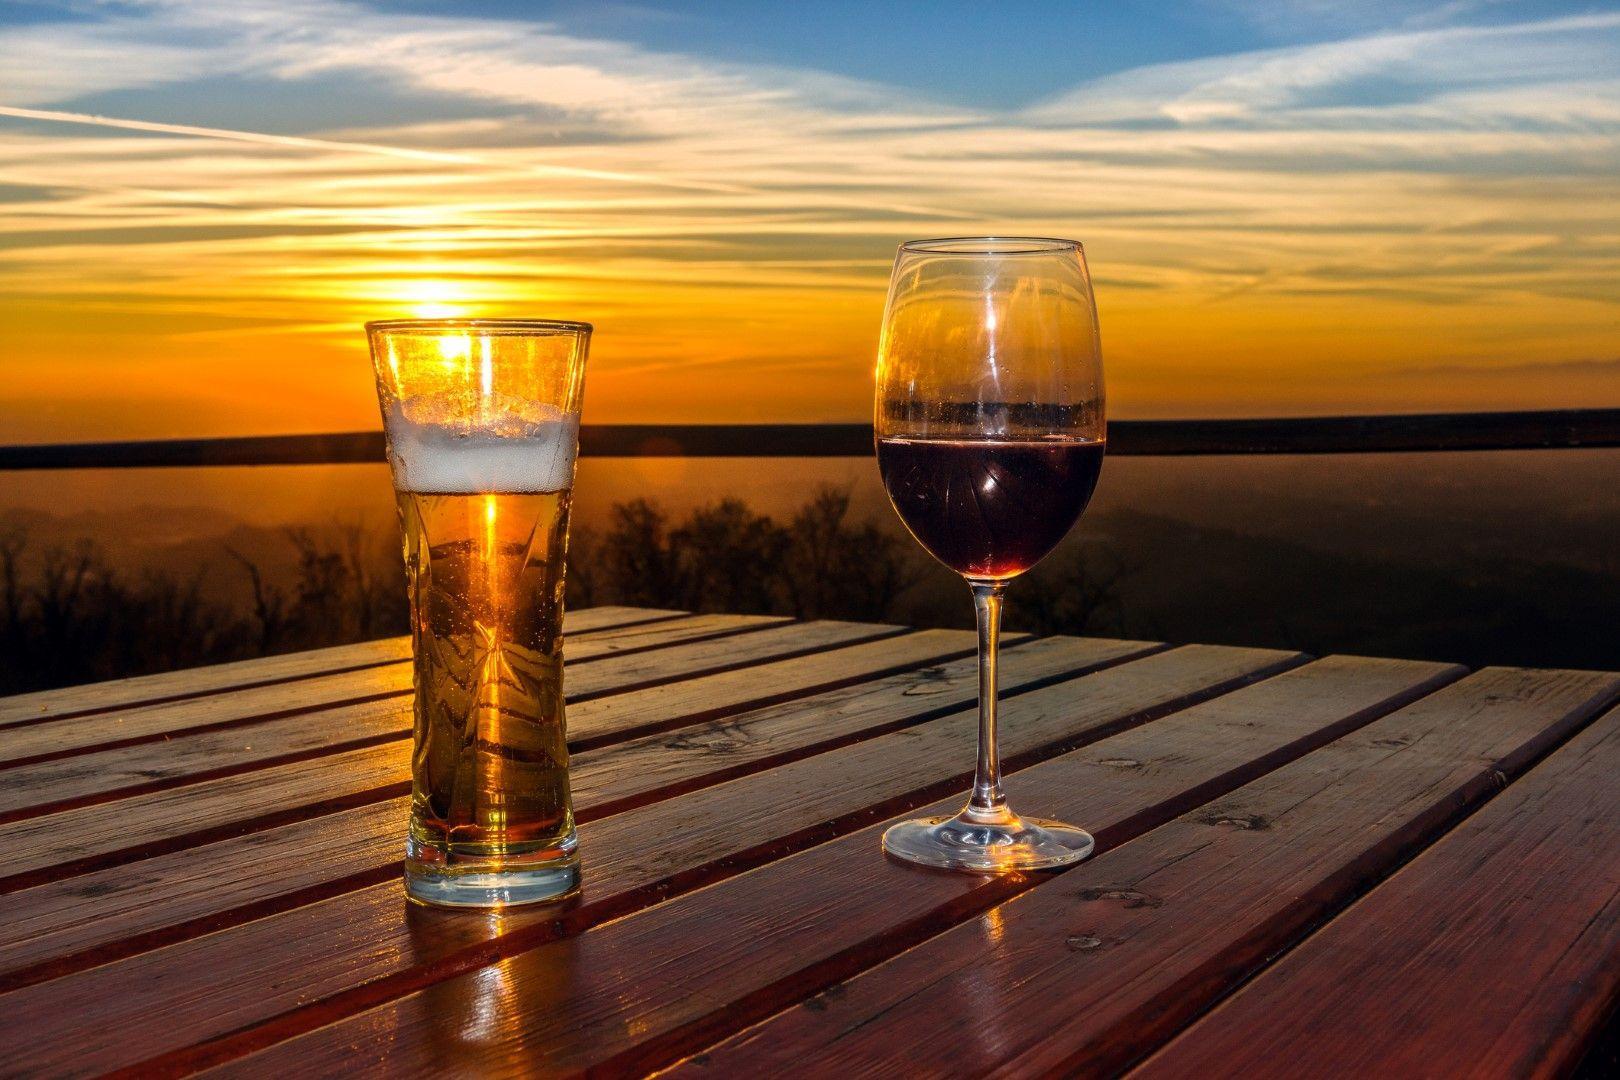 Oroscopo  nelle tue stelle c è birra o vino  - Tgcom24 733d9f75e2f9